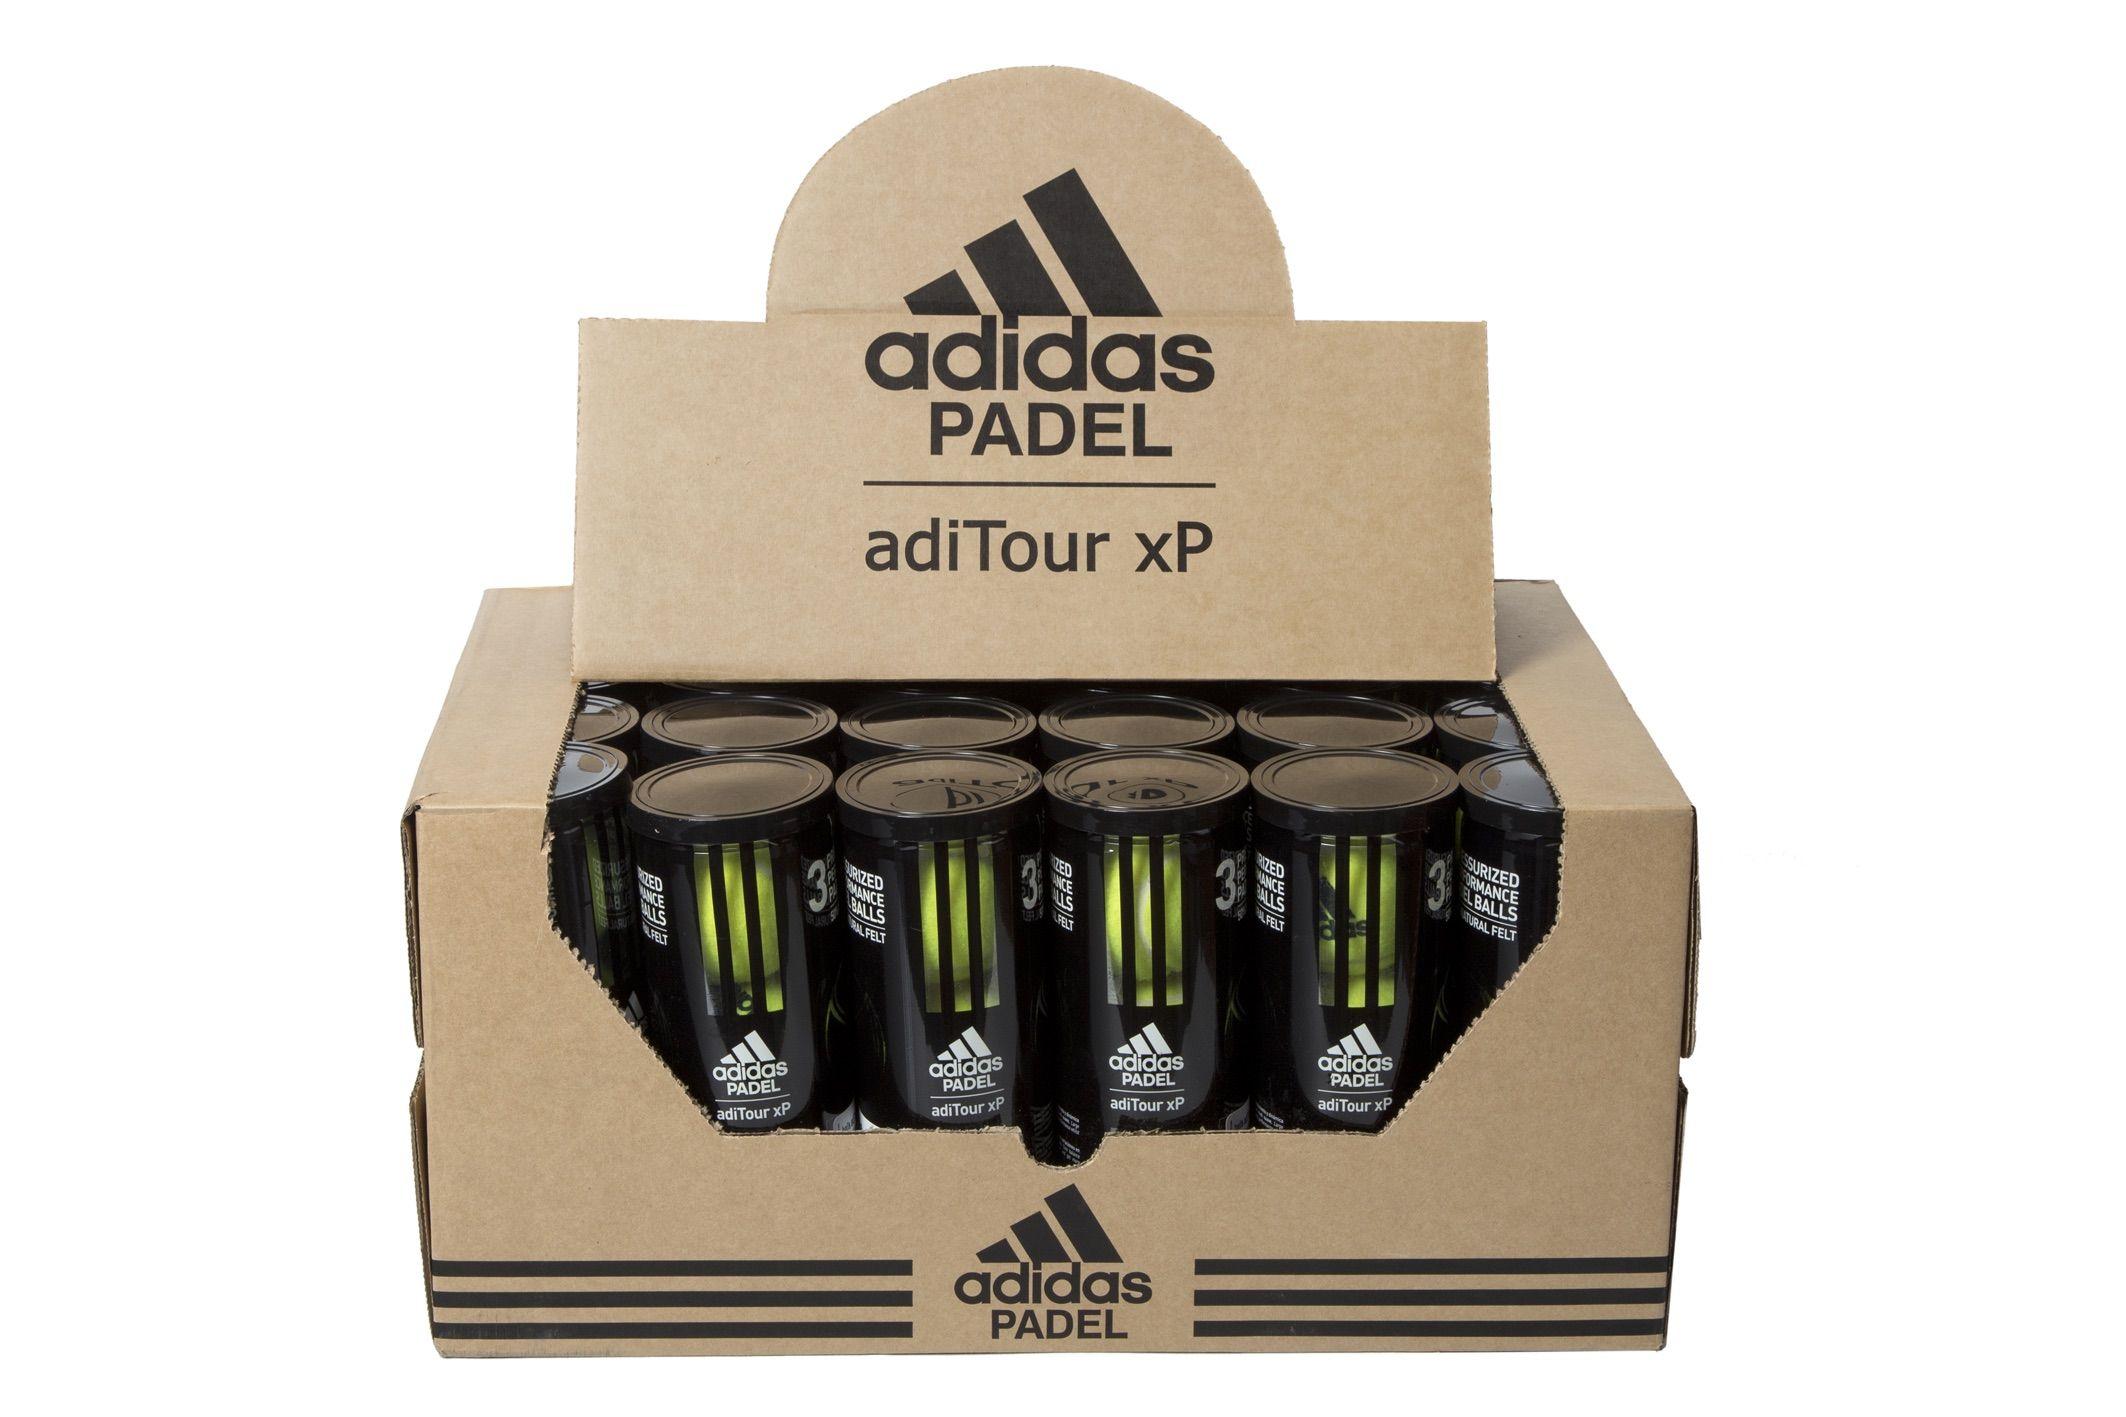 Aditour De Padel Xp Cajon Bolas Adidas Online Tienda EDI2YWeHb9